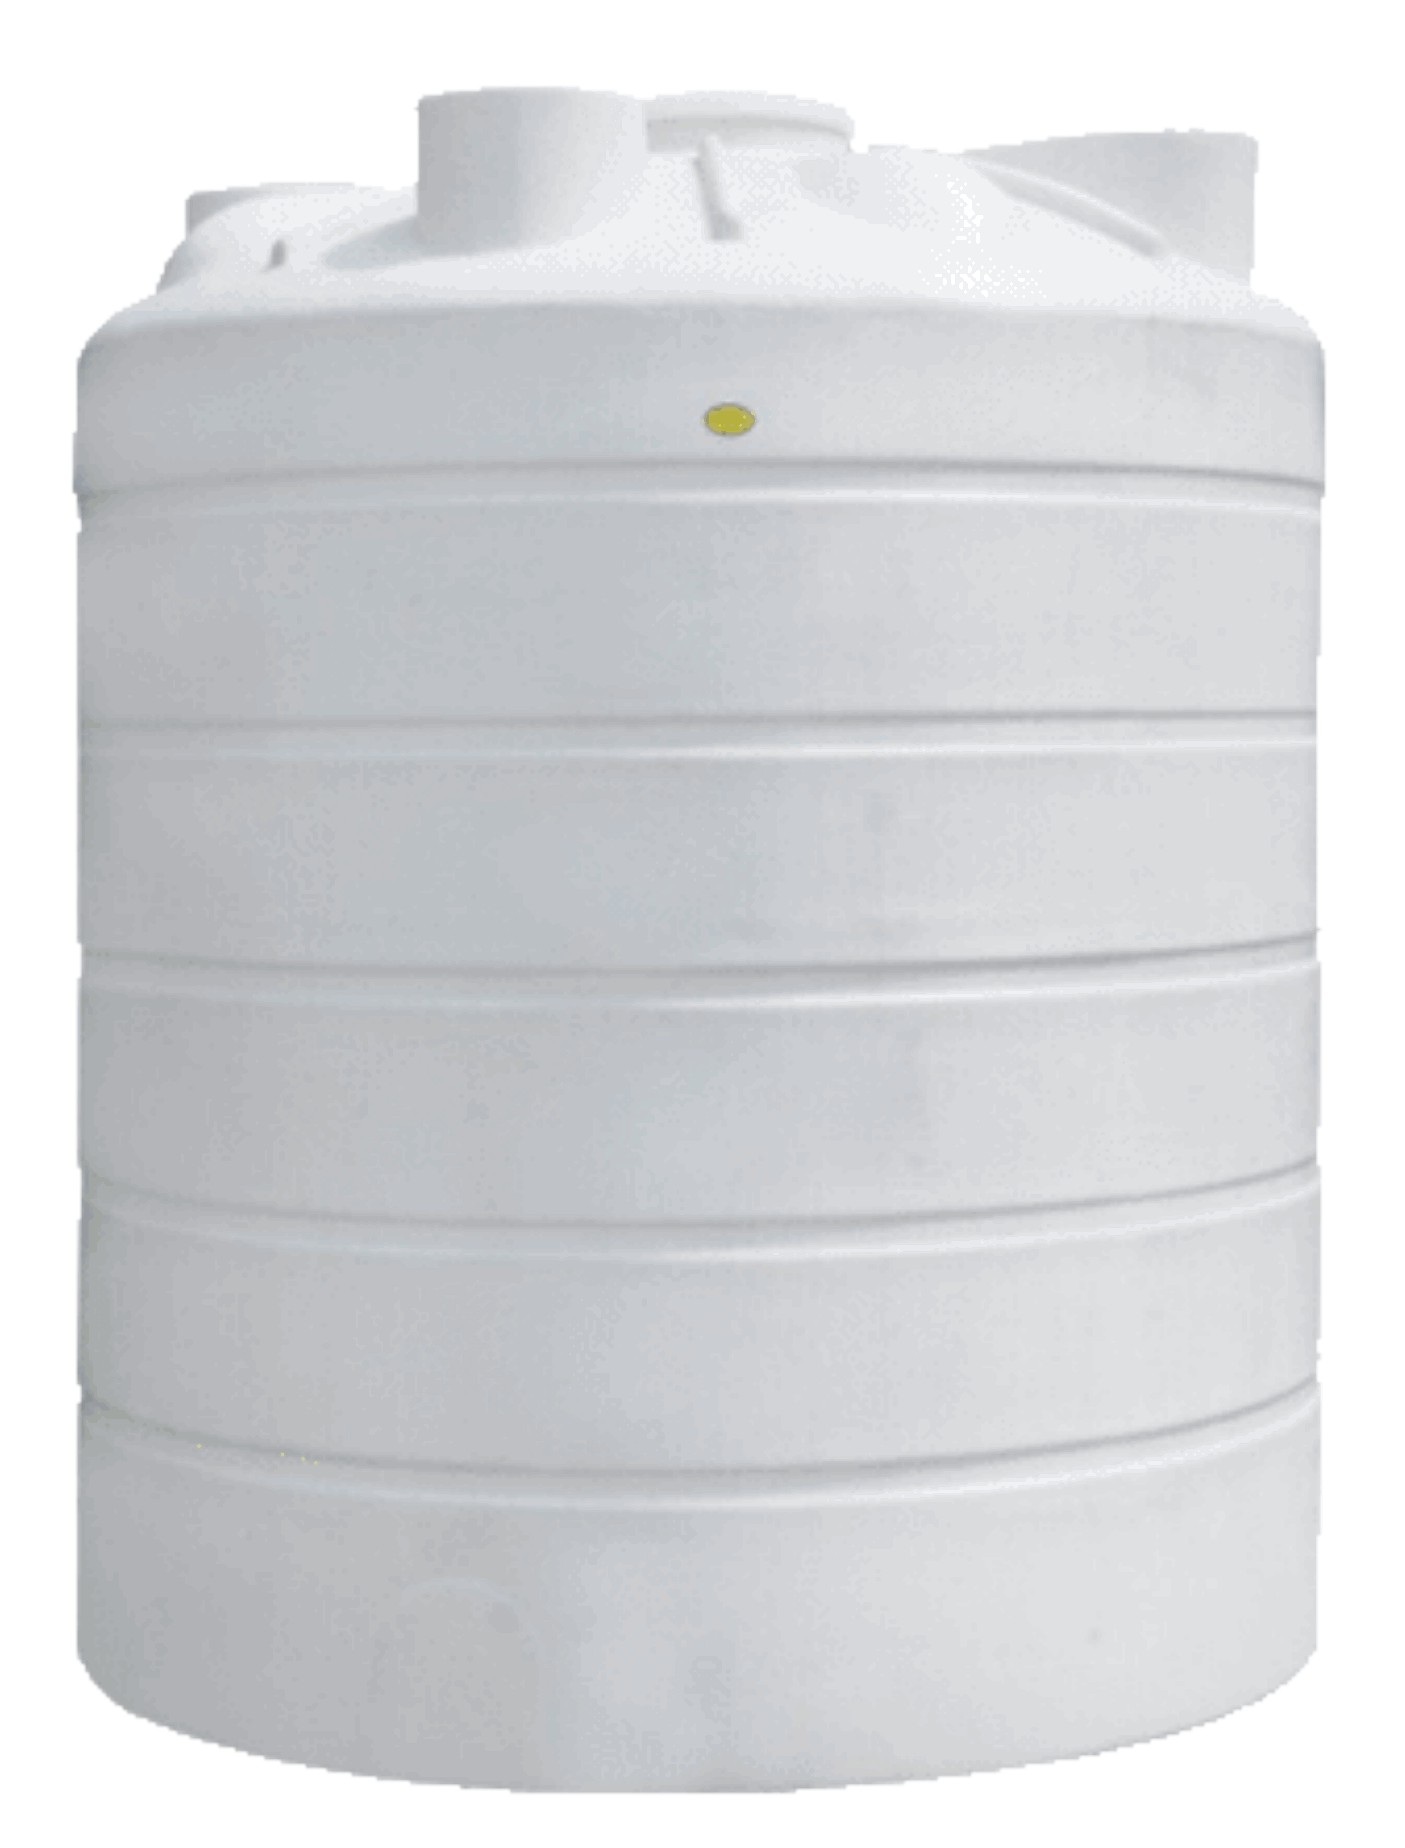 减水剂储罐